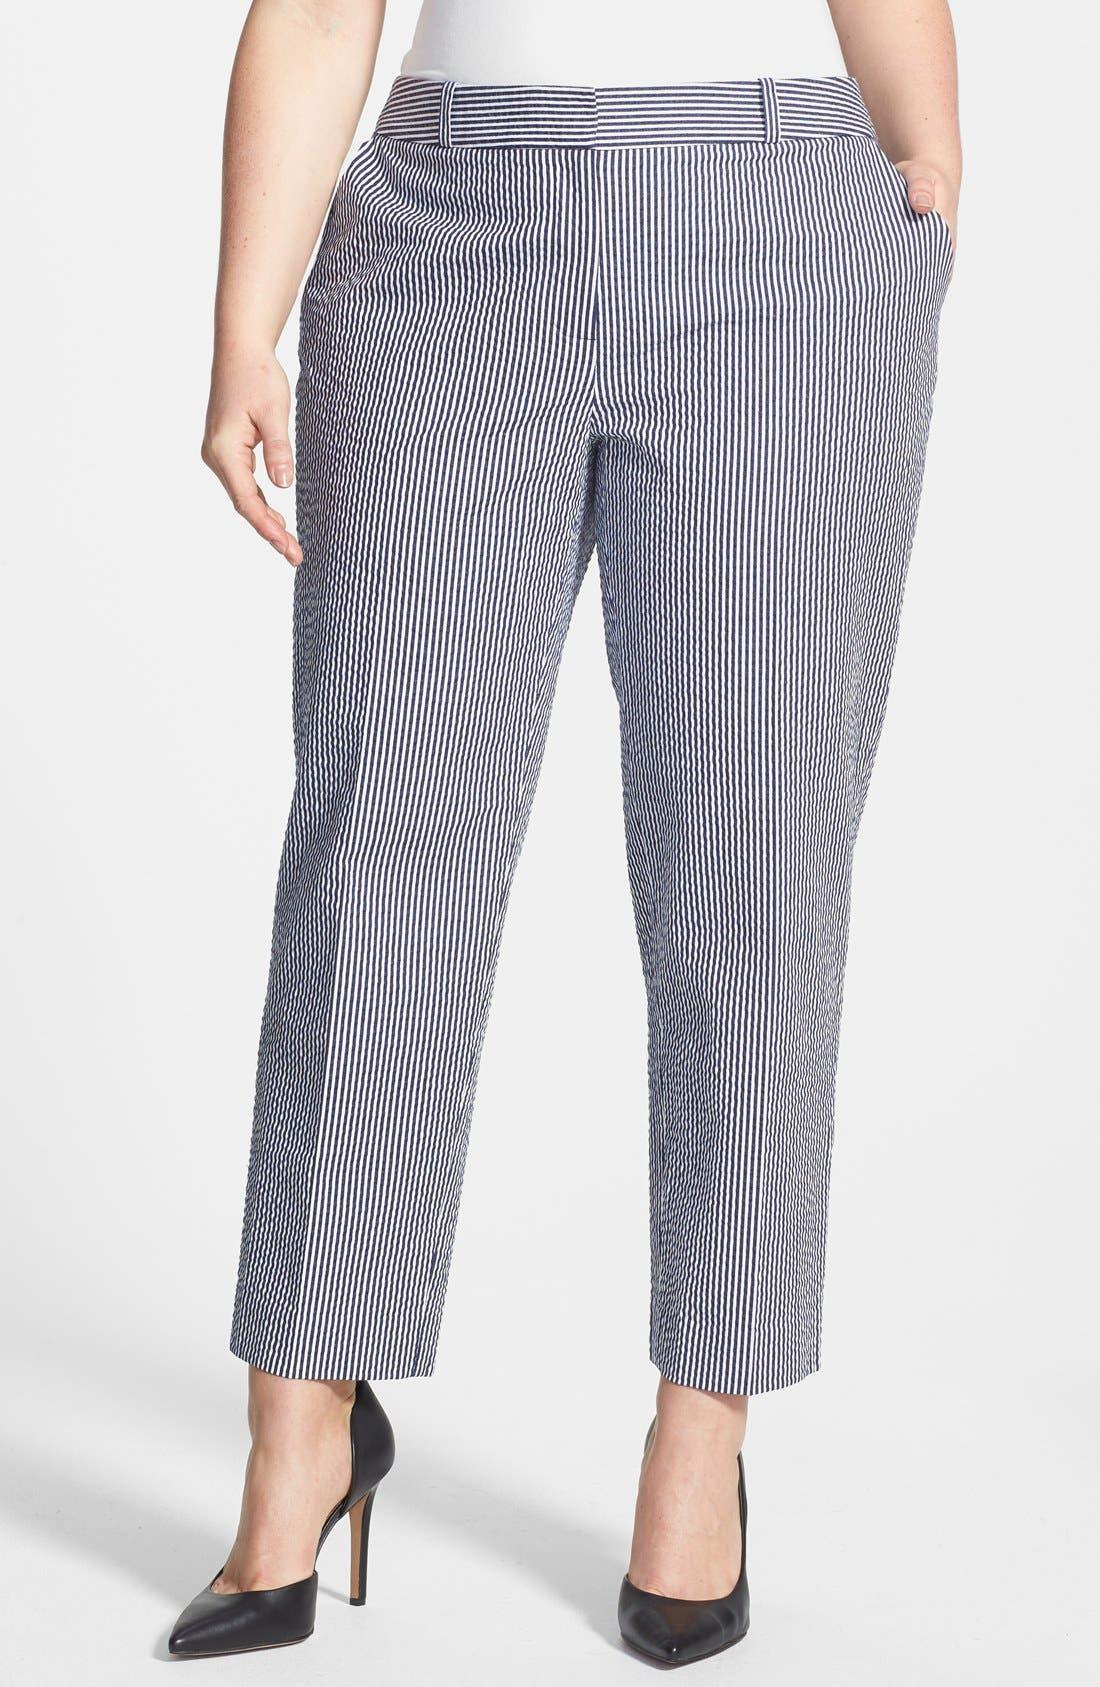 Alternate Image 1 Selected - Anne Klein Seersucker Capri Pants (Plus Size)